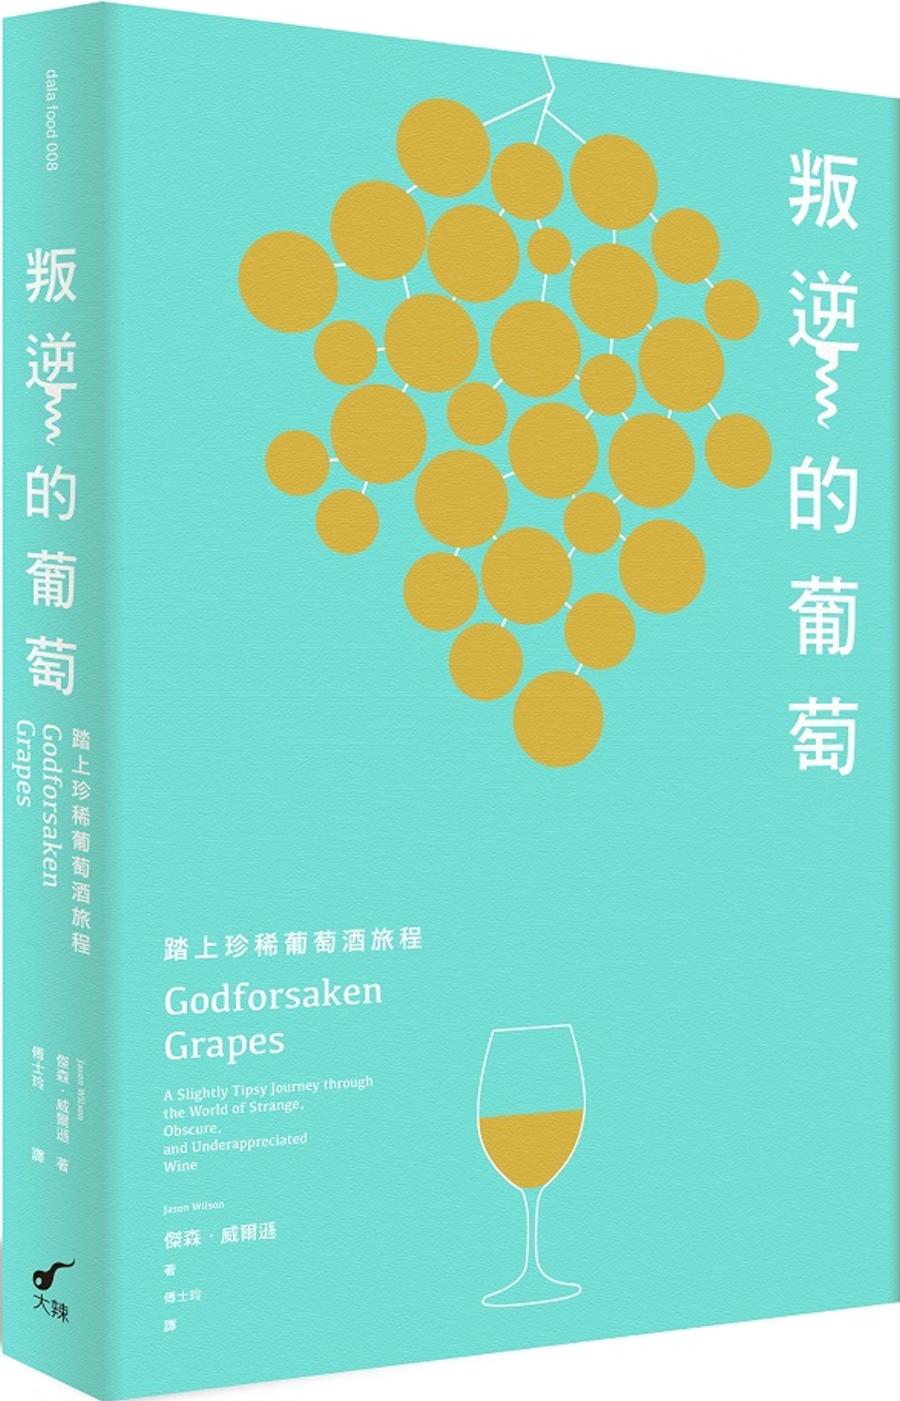 叛逆的葡萄:踏上珍稀葡萄酒旅程